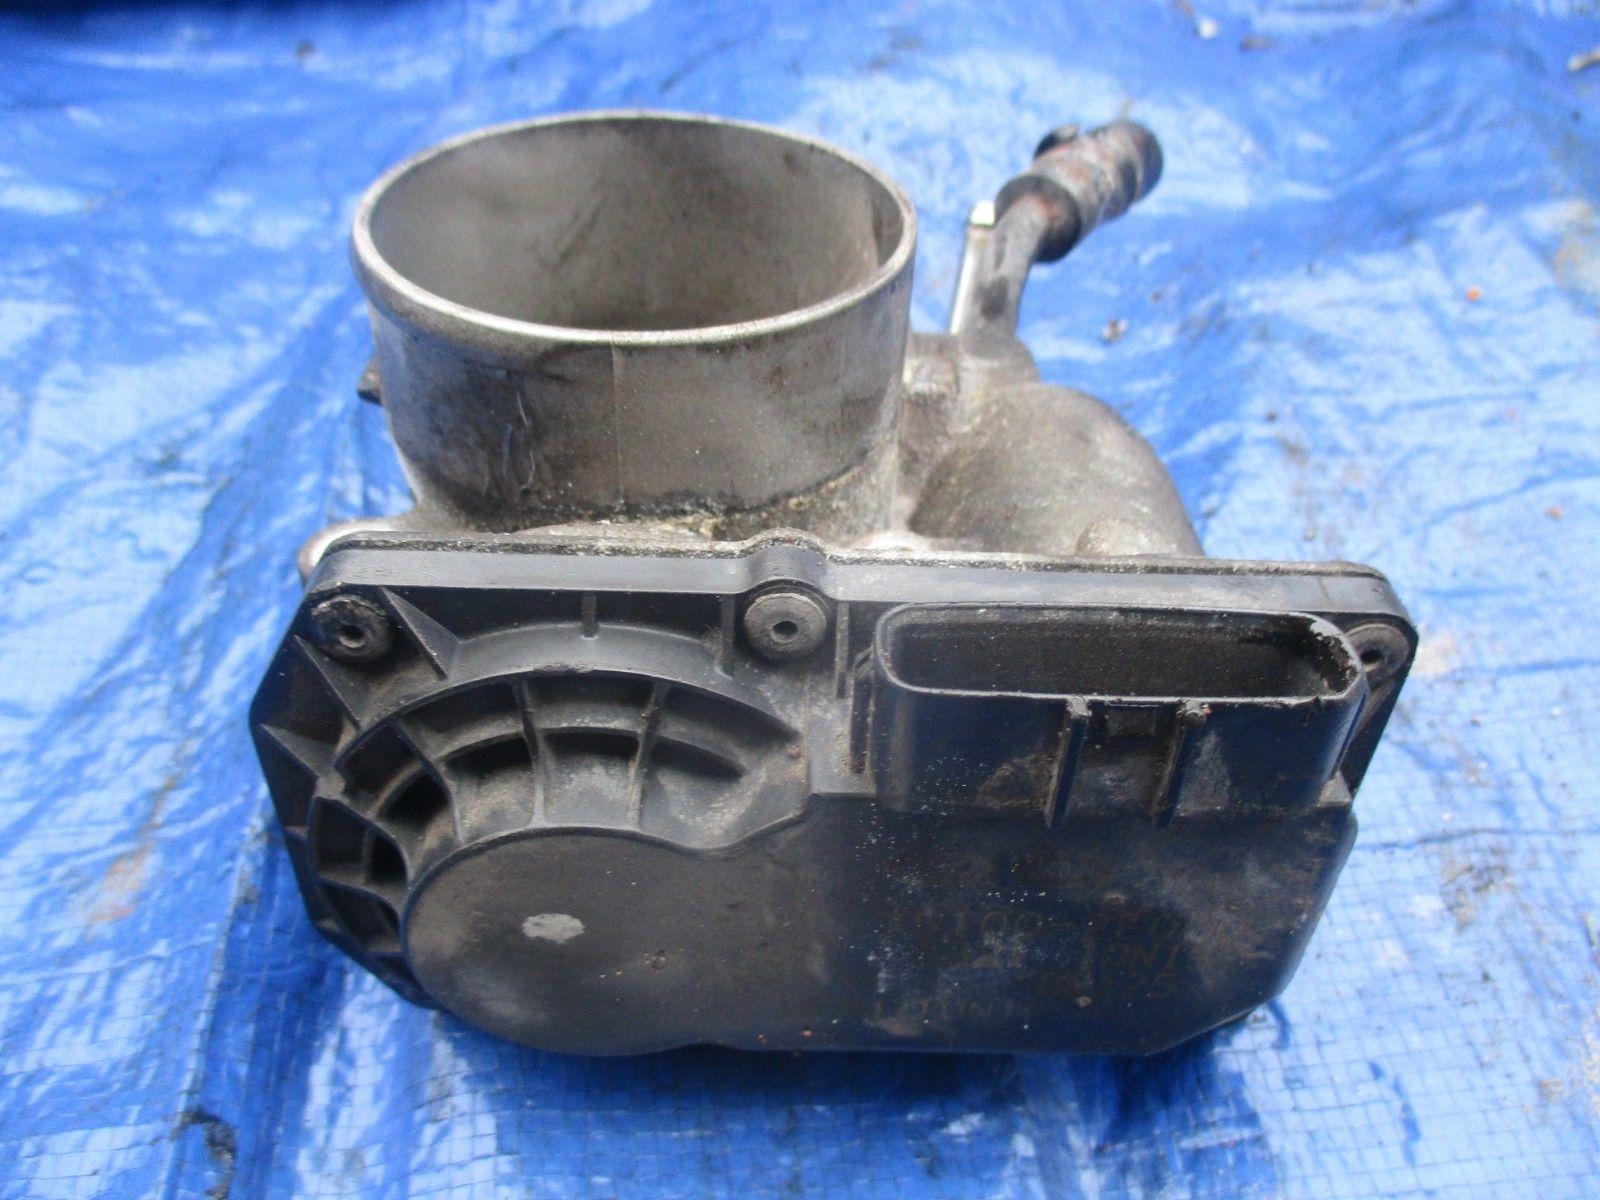 2012 Hyundai Elantra 1.8 NU10 throttle body assembly engine motor OEM electronic image 3